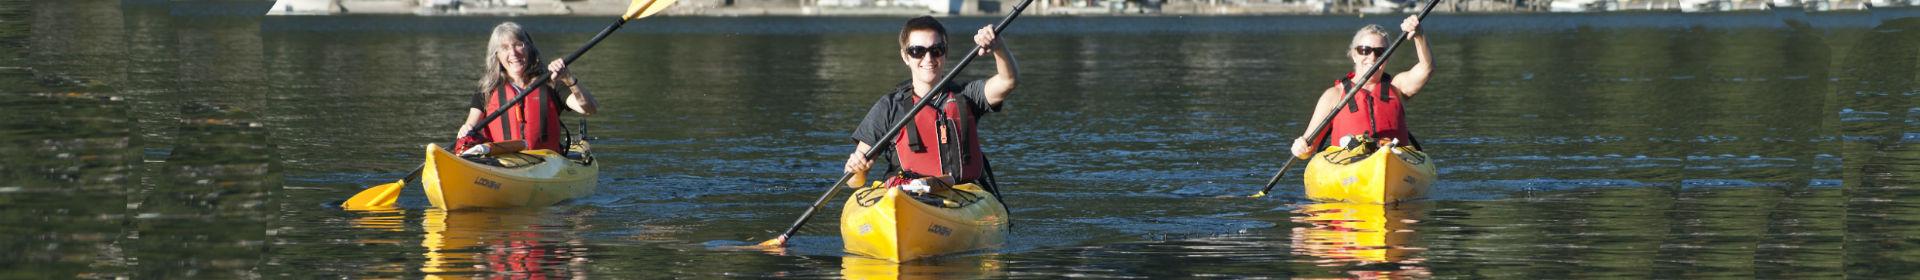 Kayak Rentals in Deep Cove